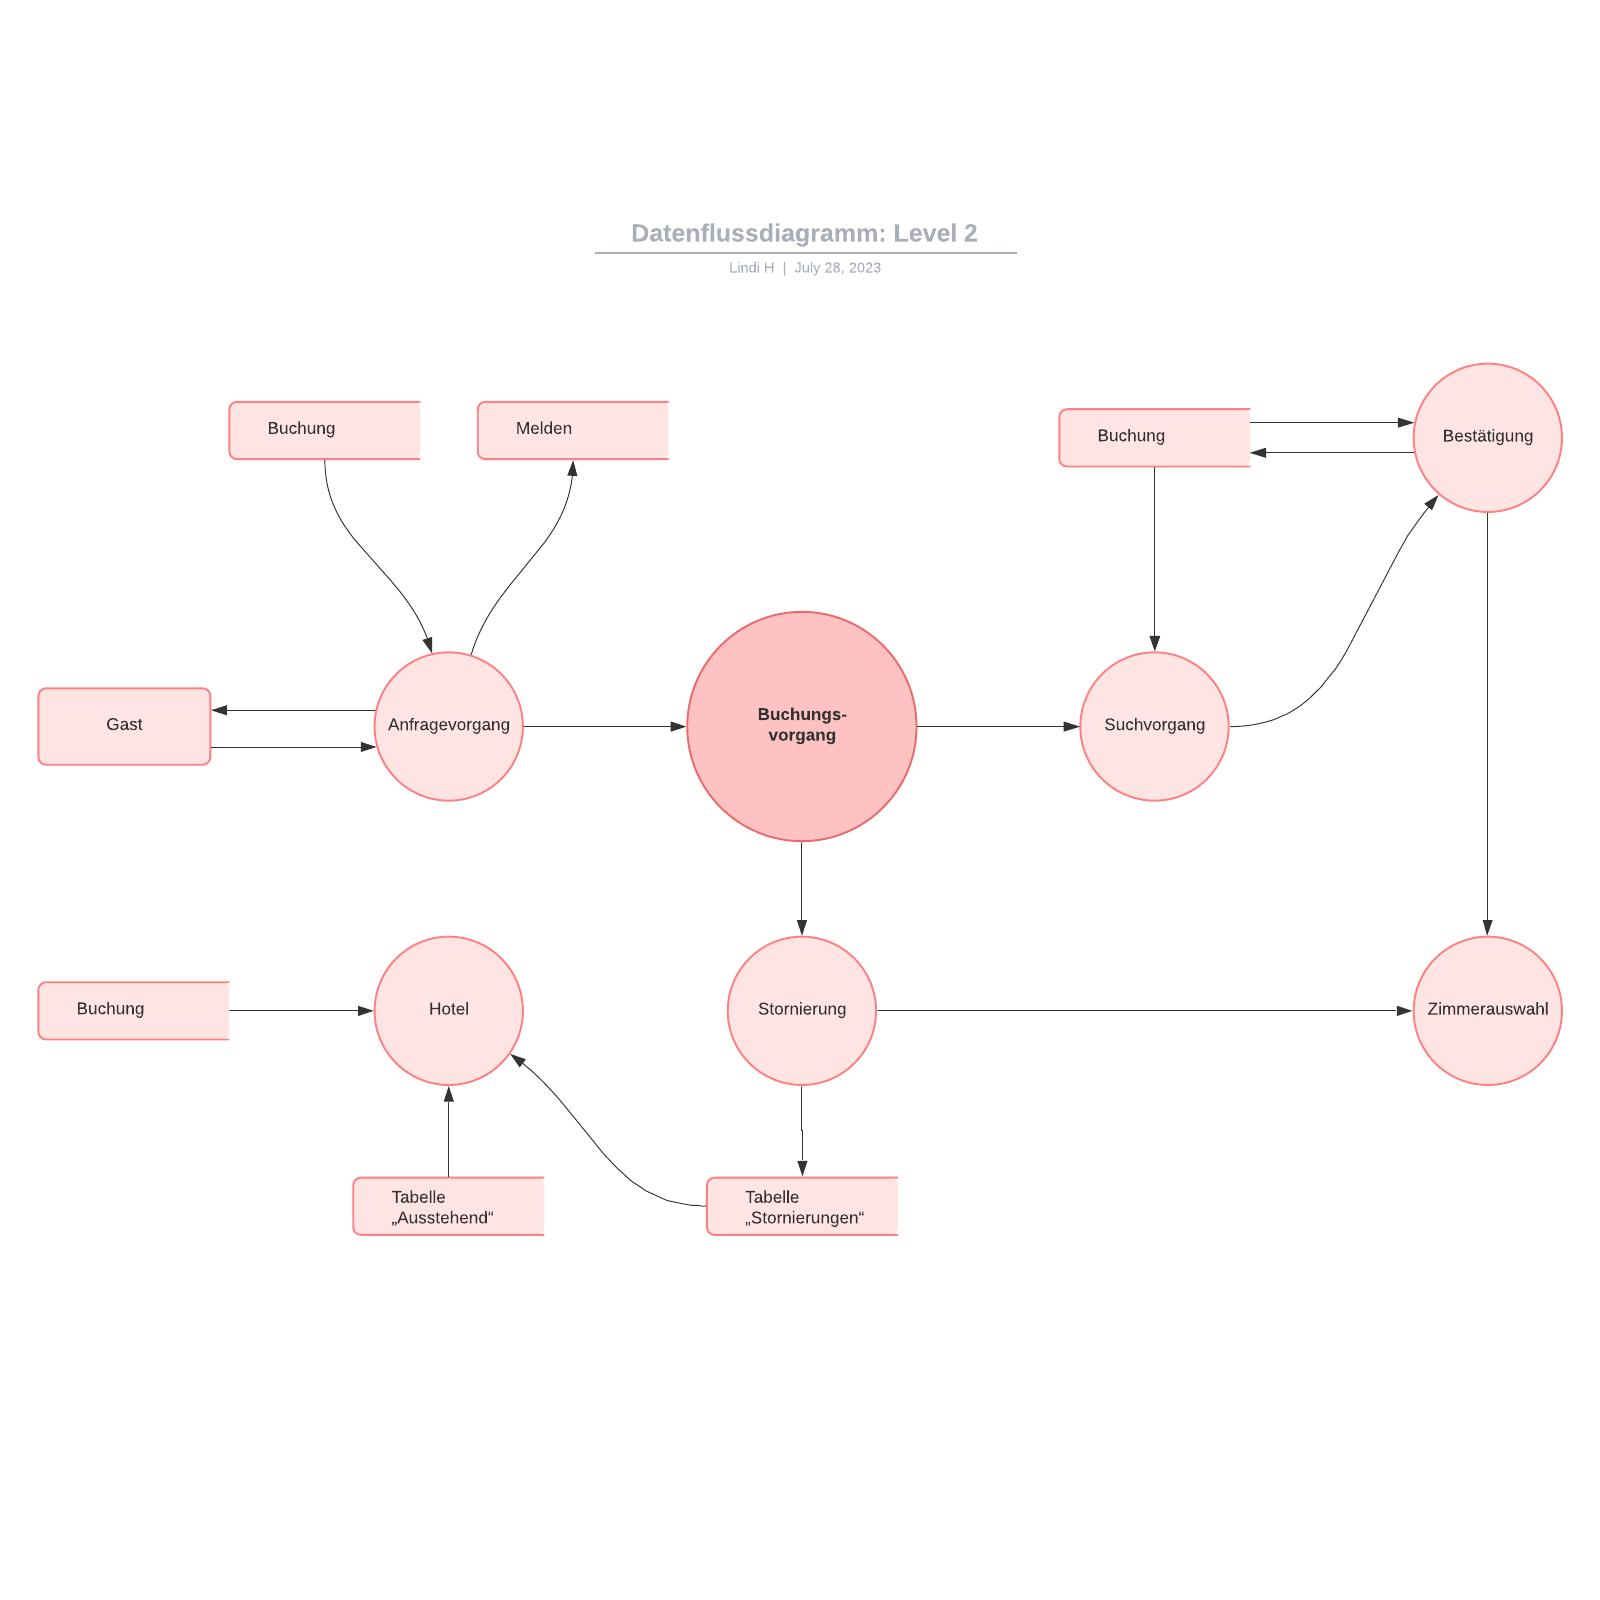 Datenflussdiagramm Beispiel (Level 2)